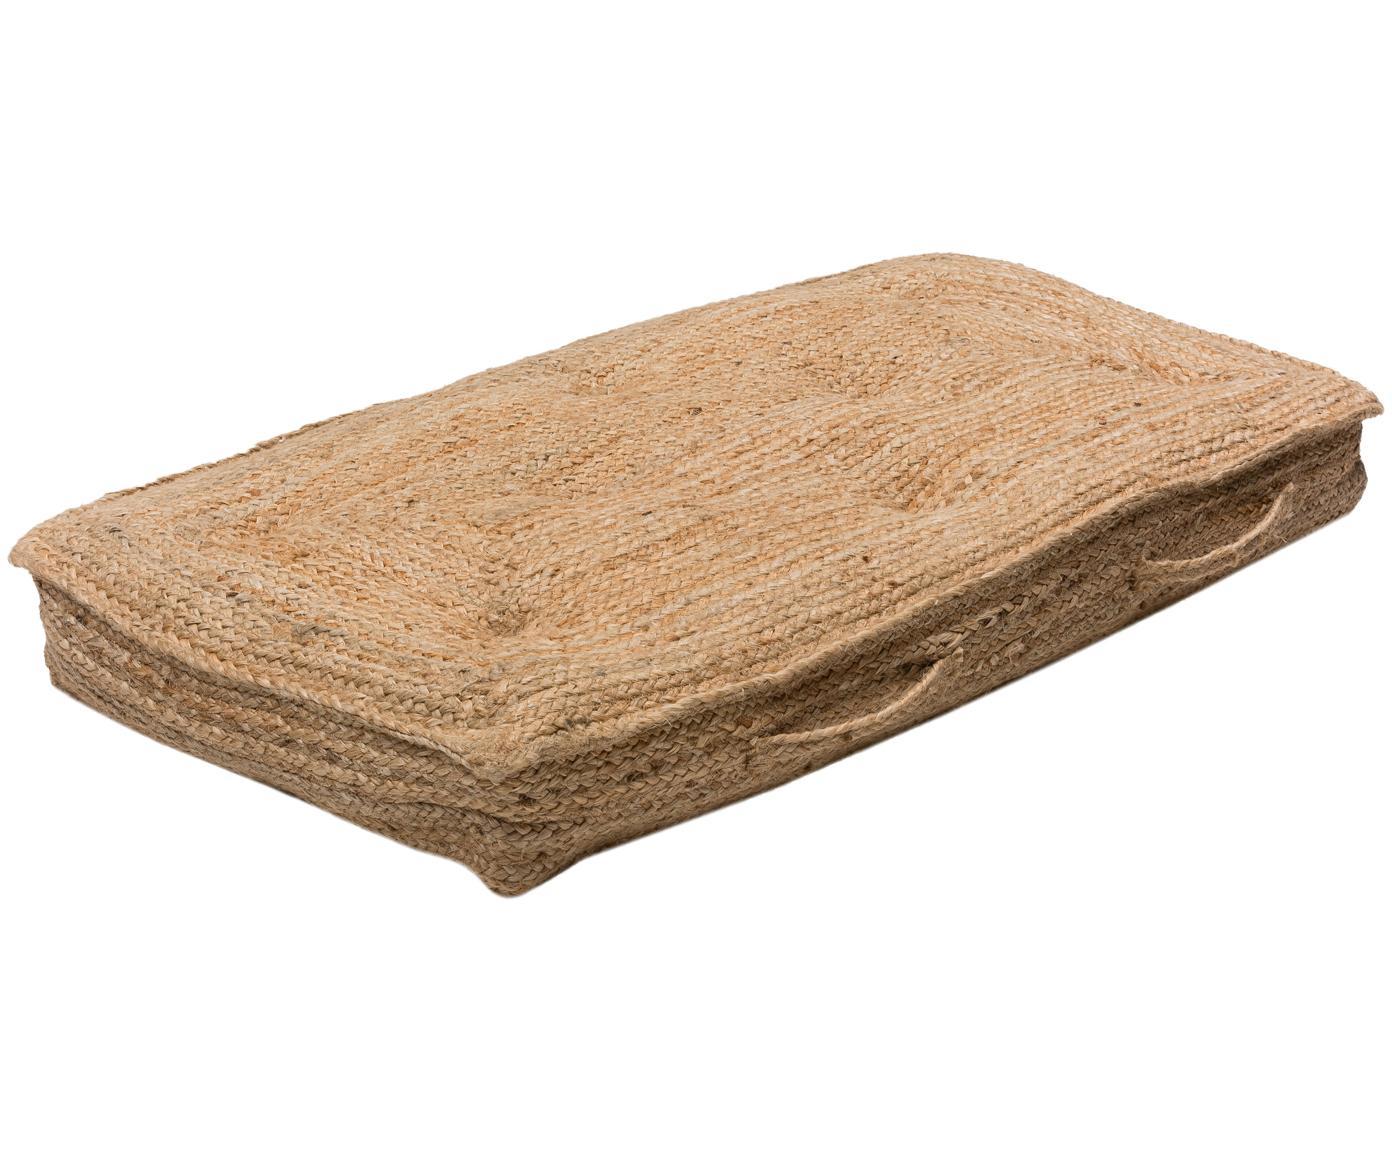 Groot juten vloerkussen Ural, Bovenzijde: jute, Beige, 60 x 120 cm